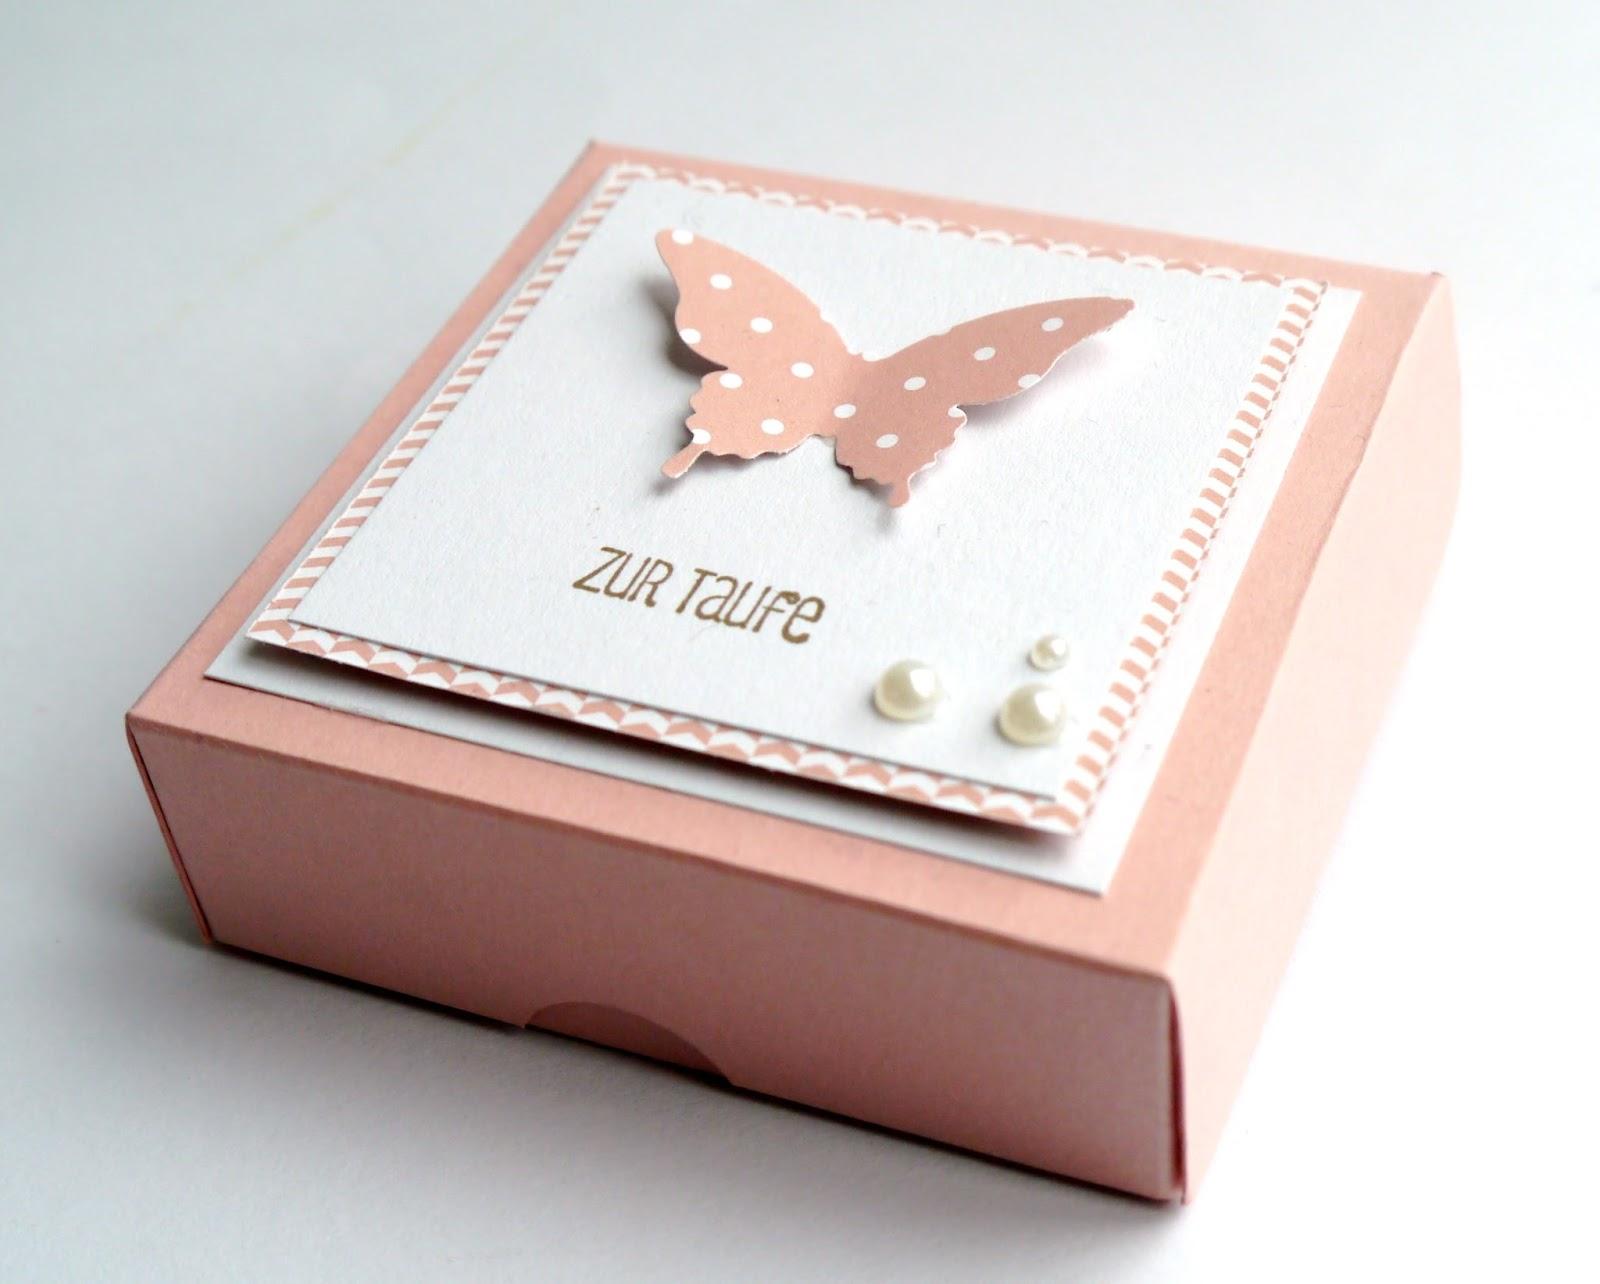 Schnecke S Kreativ Laden Auftragsarbeit Verpackung Zur Taufe